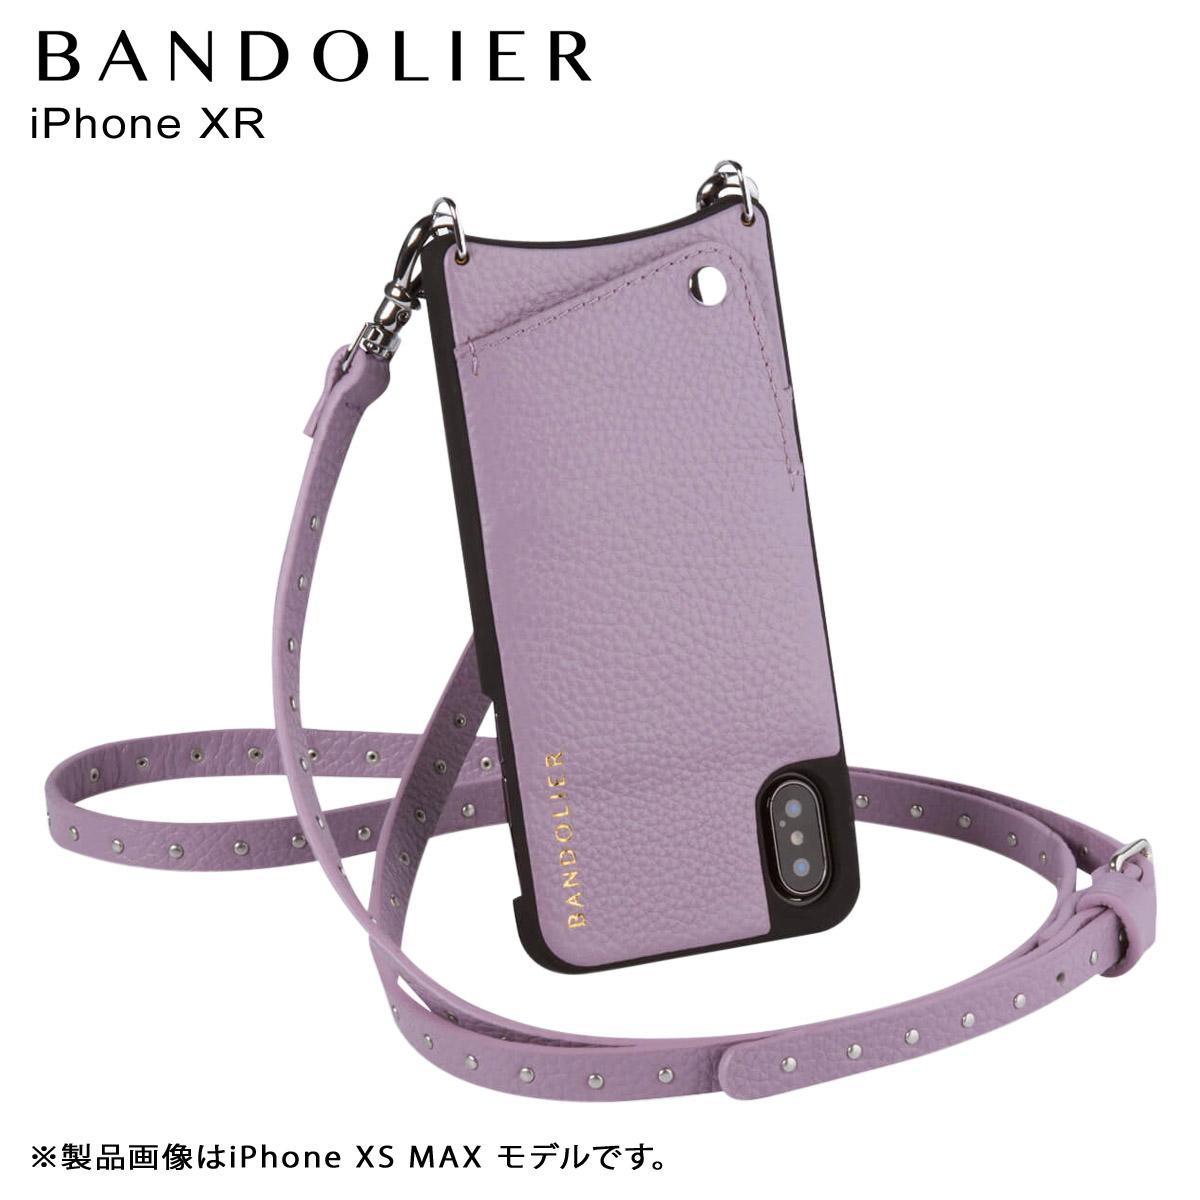 バンドリヤー BANDOLIER iPhone XR ケース ショルダー スマホ アイフォン レザー NICOLE LILAC メンズ レディース ライラック 10NIC1001 [3/18 再入荷]